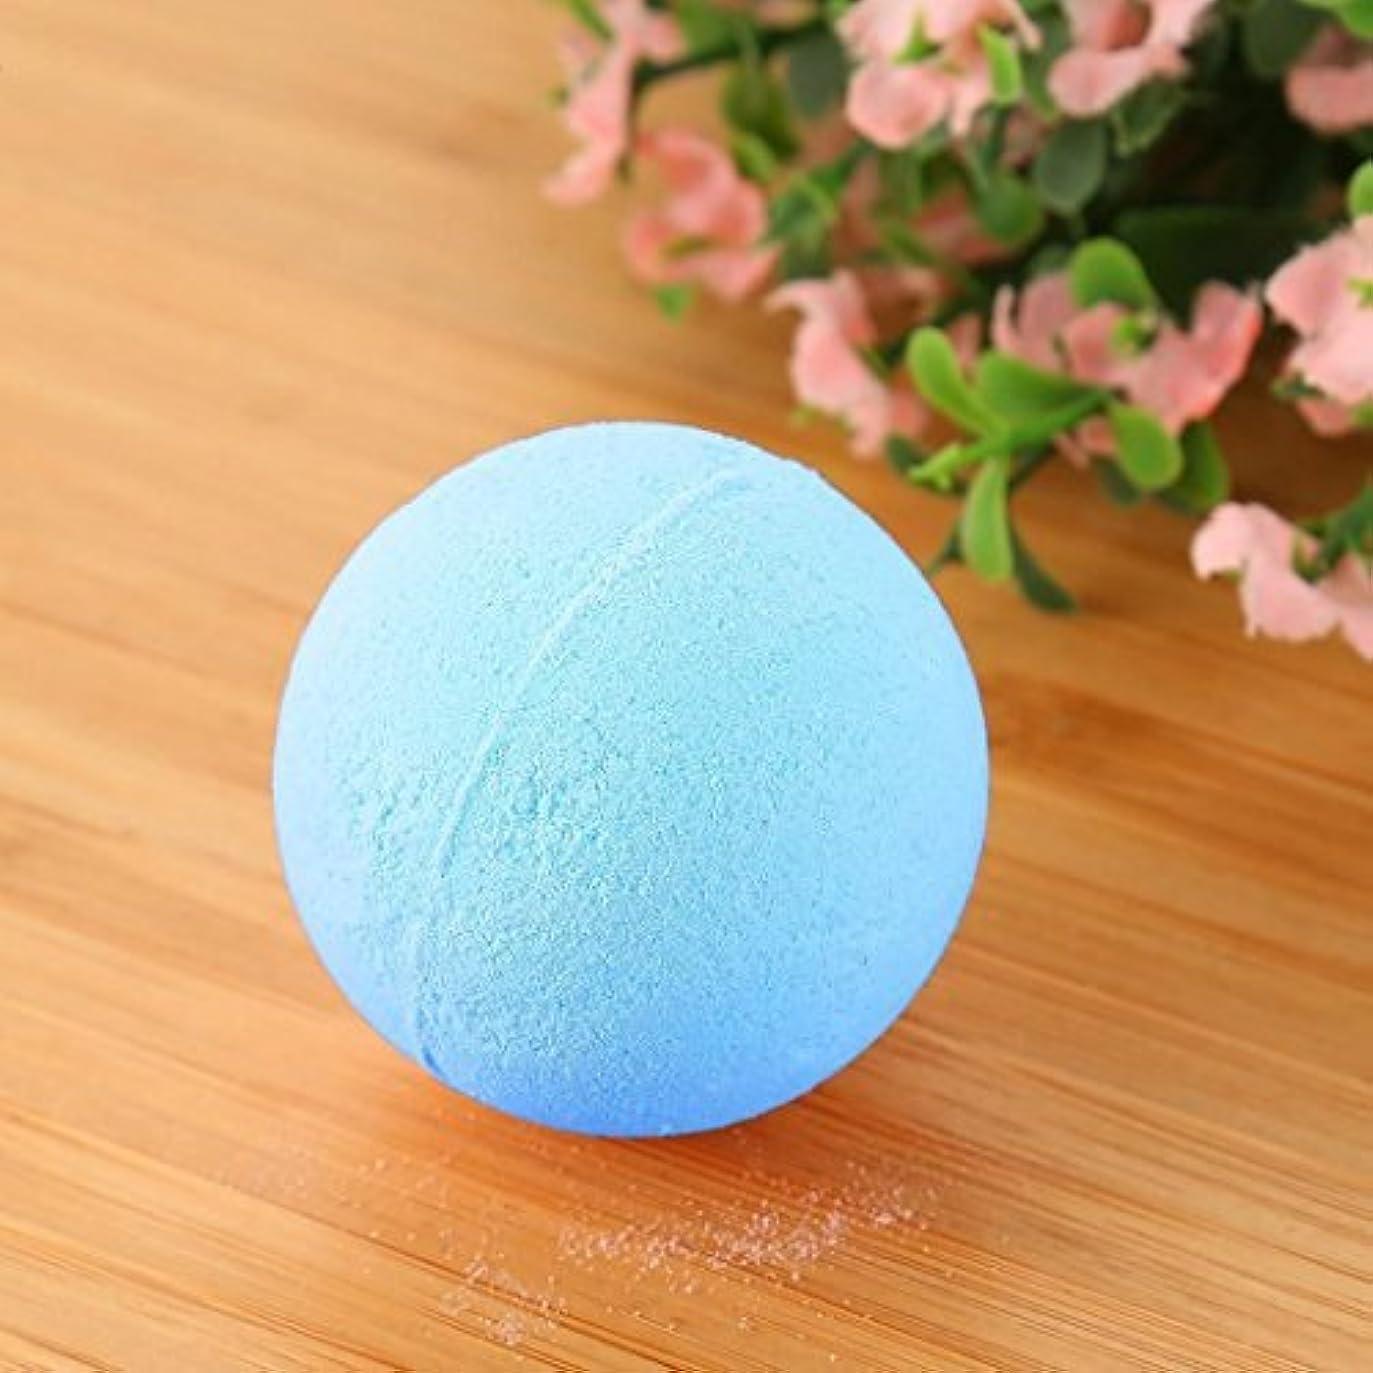 下に向けます限られたよりバブル塩風呂の贈り物のためにボールをリラックスした女性の塩